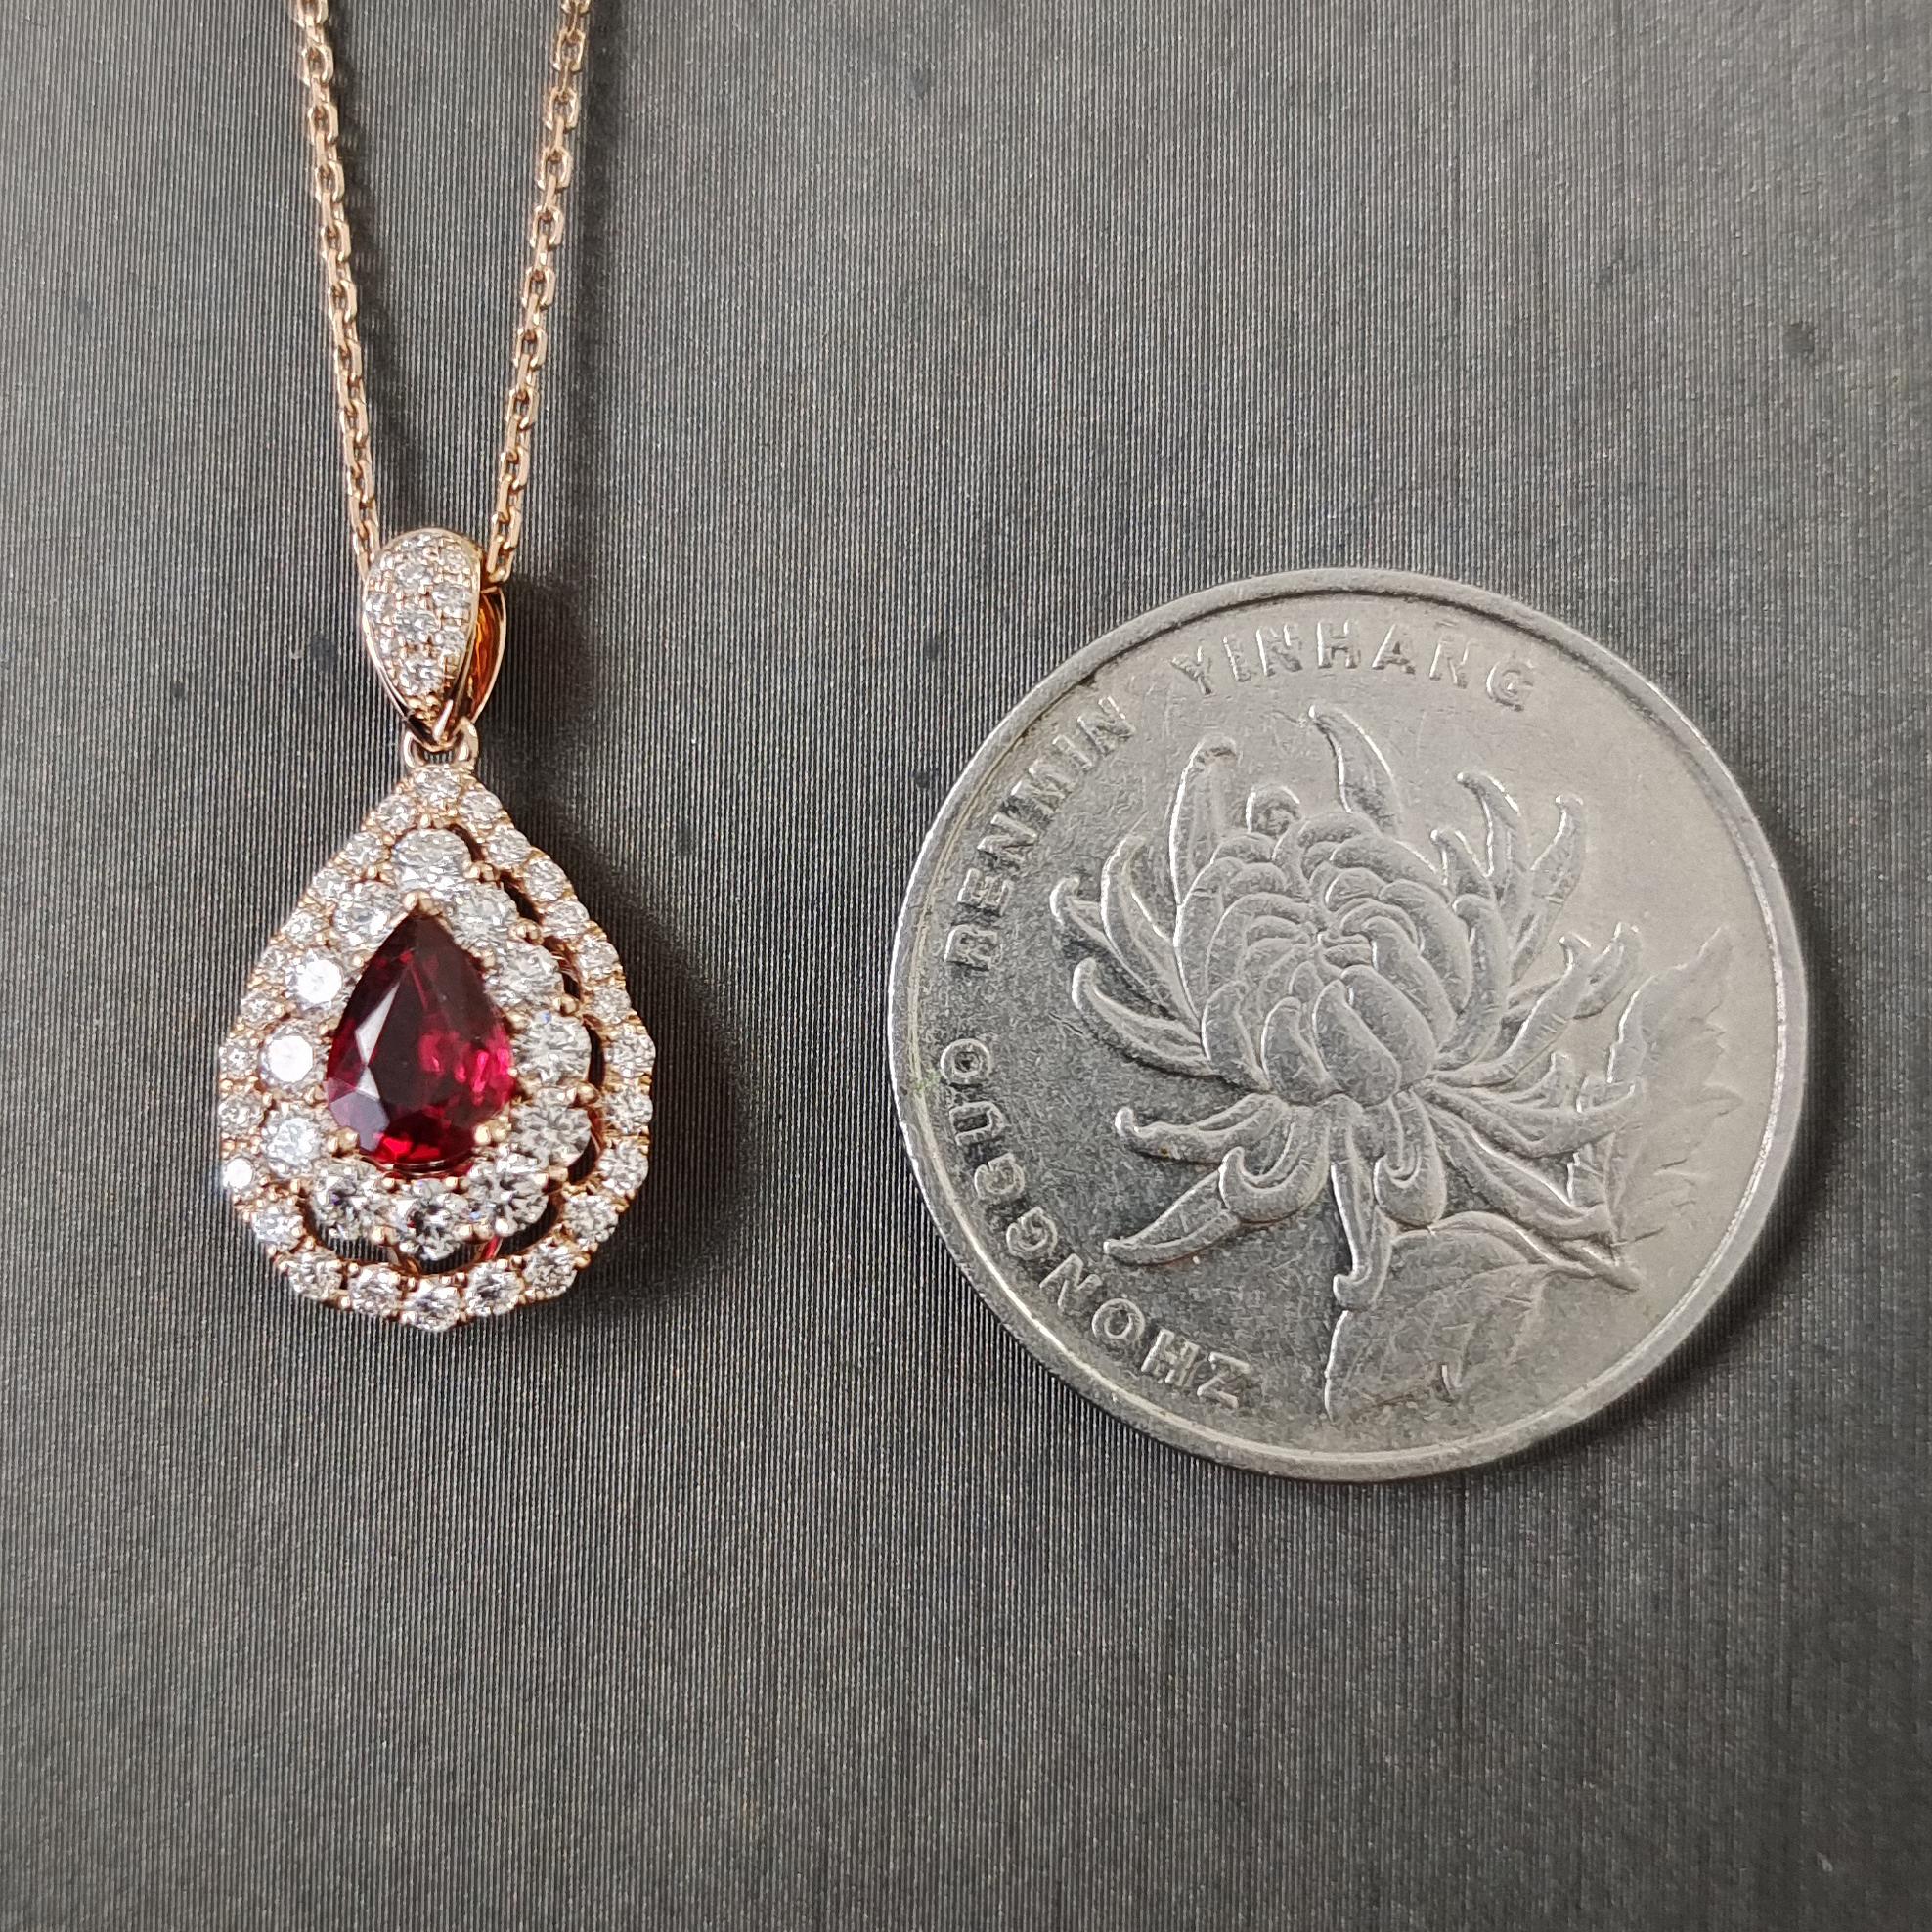 【【吊坠】18K金+红宝石(无烧)+钻石 宝石颜色纯正 主石:0.68ct/P 货重:2.38g】图4